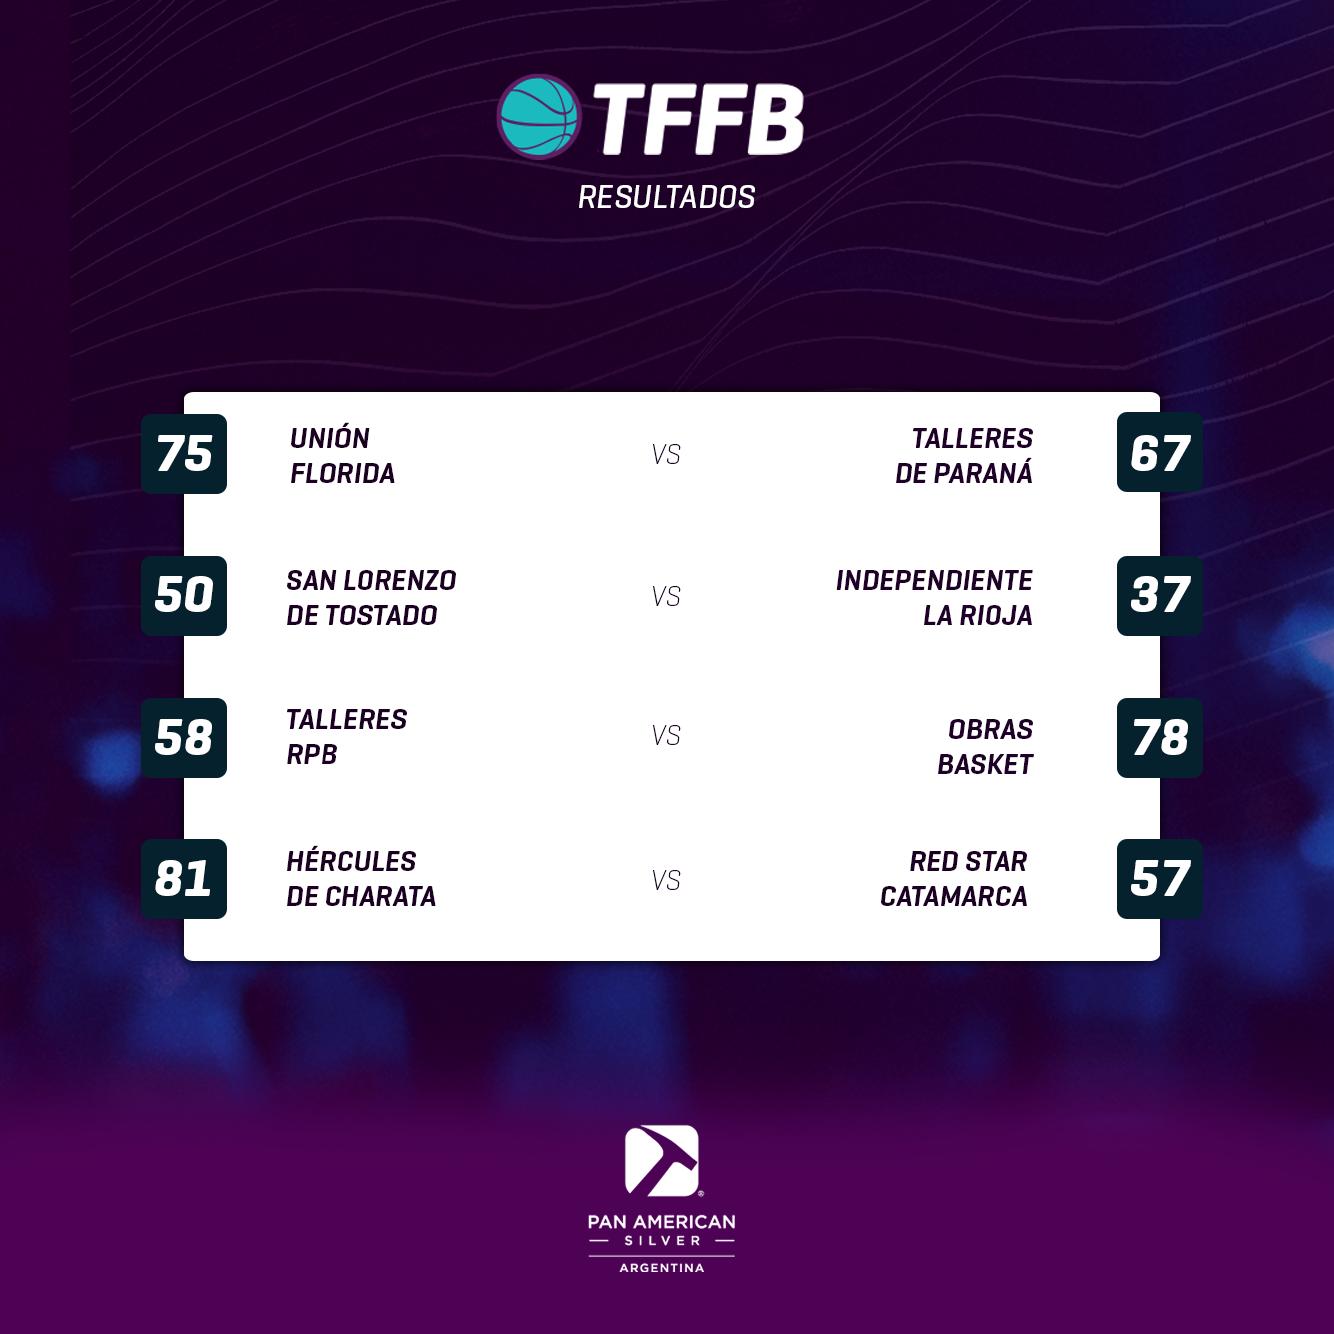 Obras, Talleres RPB, Hércules y Red Star se clasificaron a las semifinales